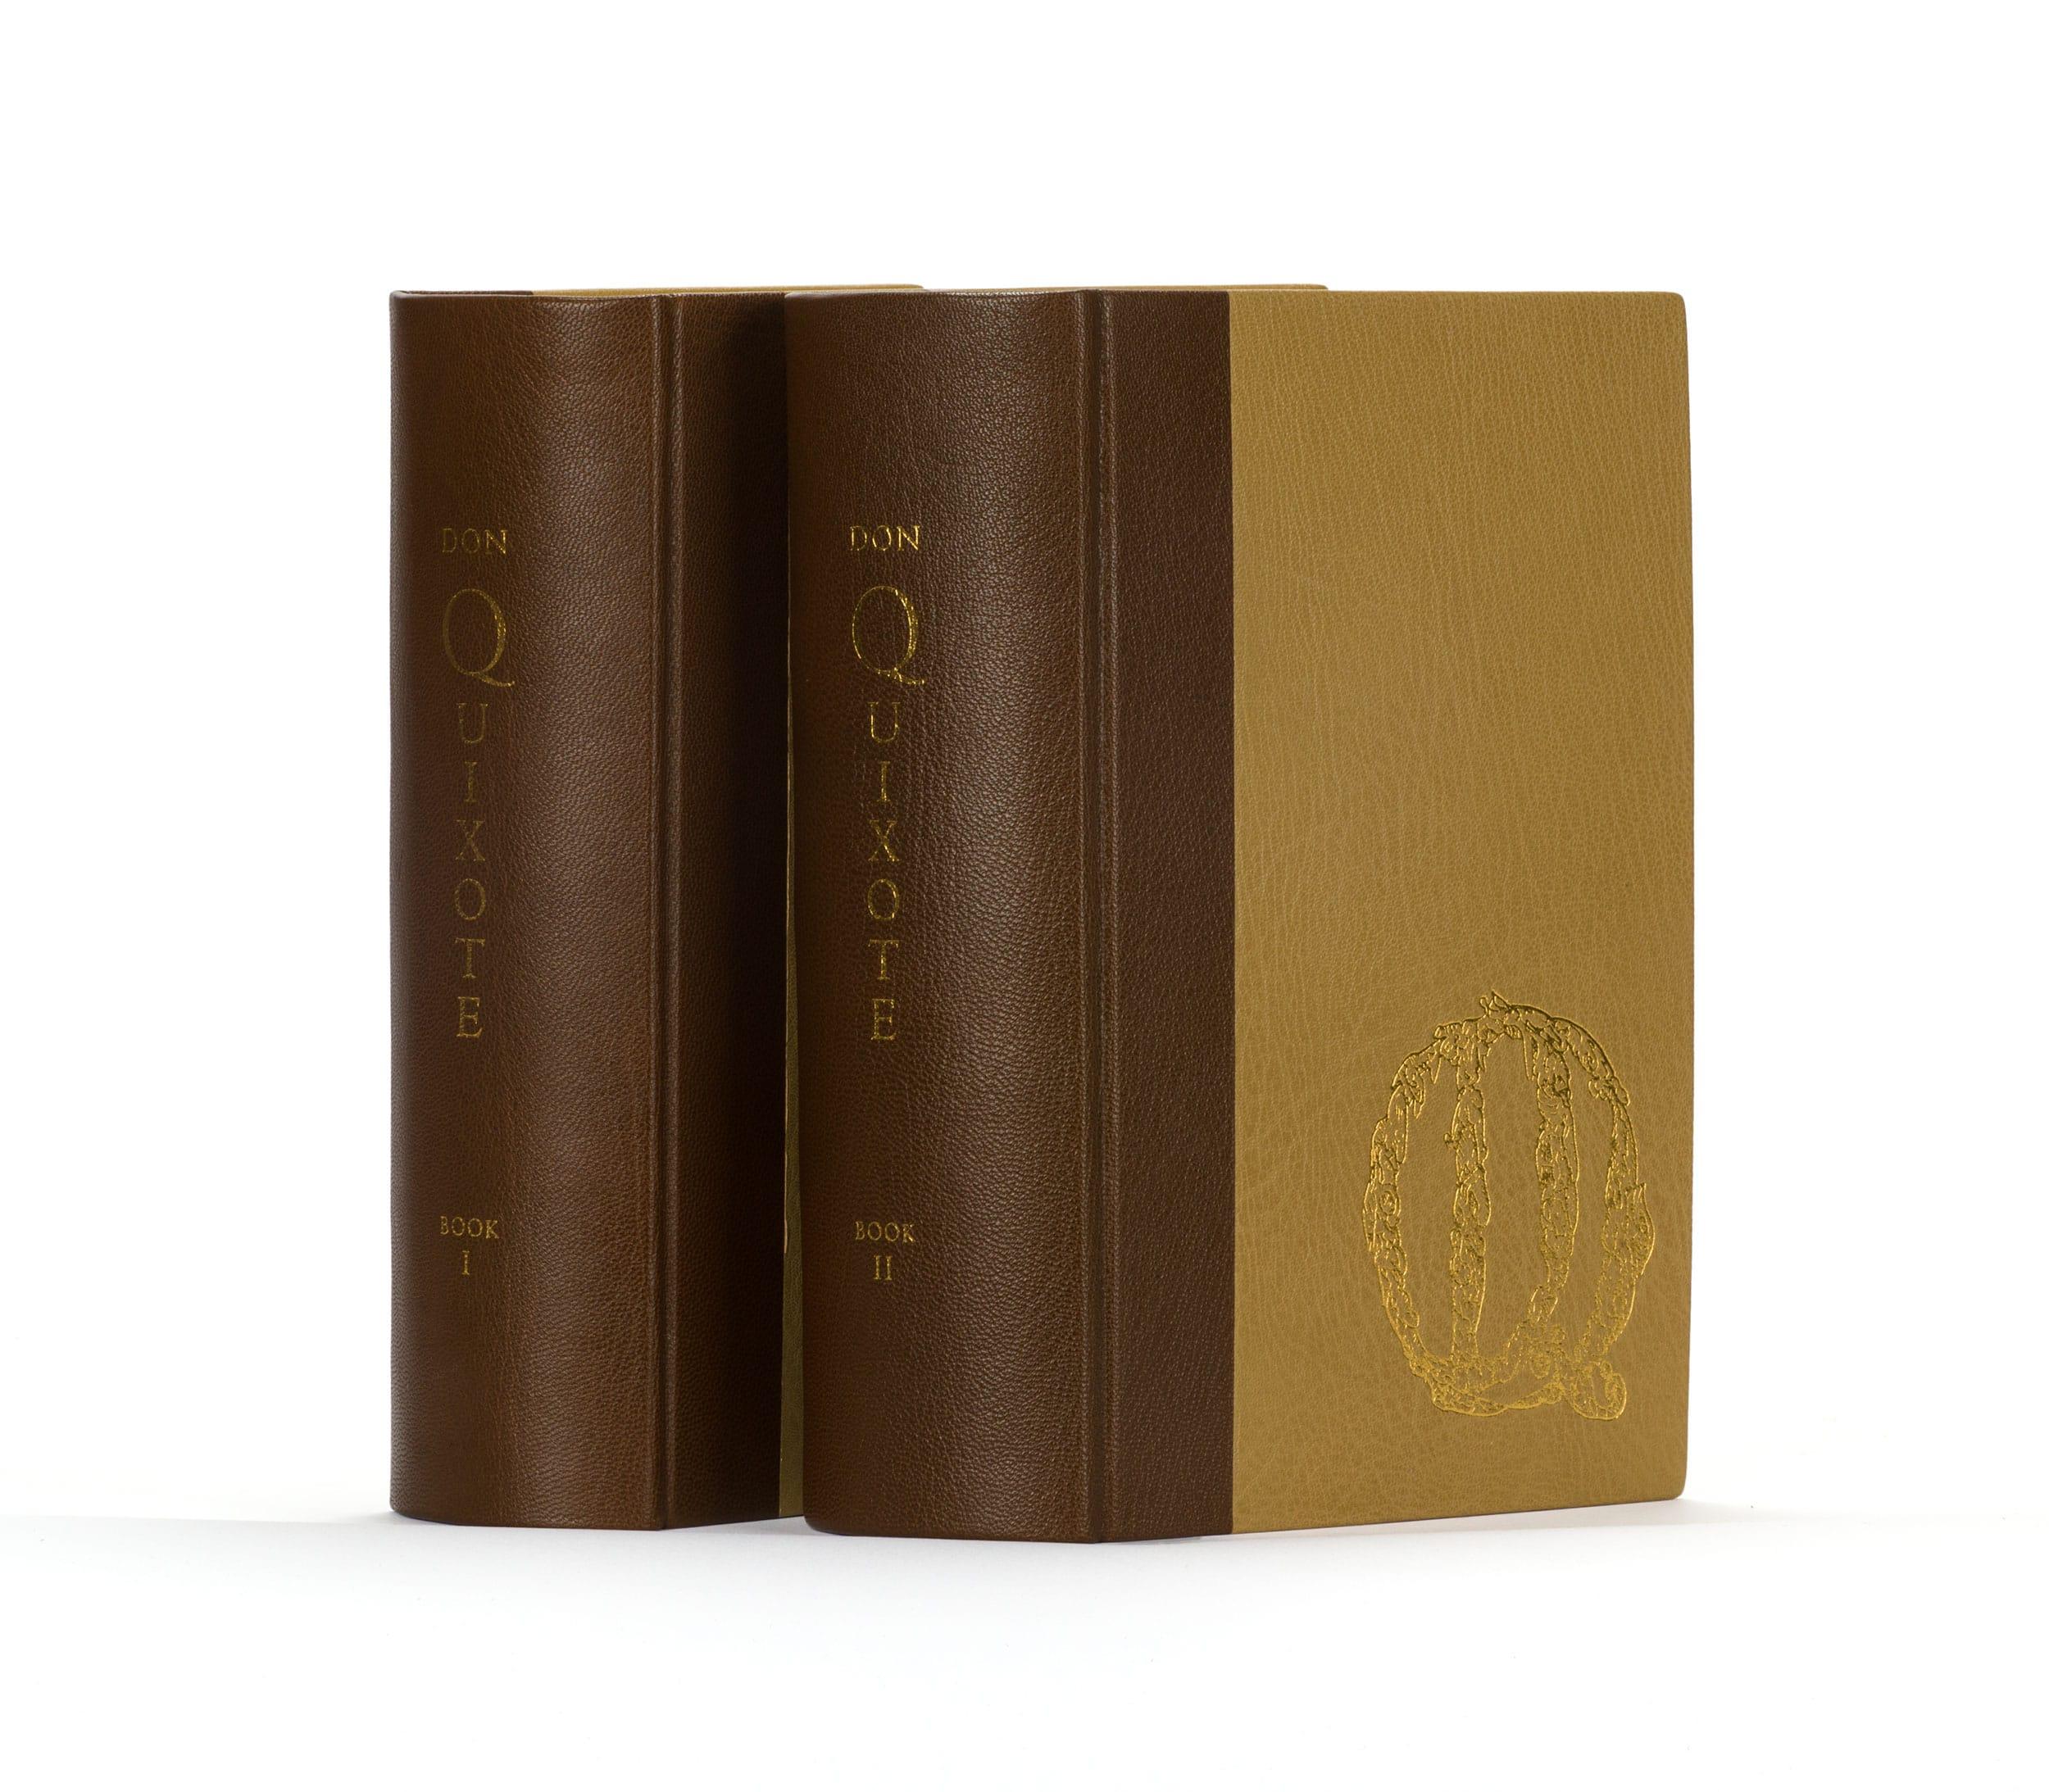 086_Don_Quixote.2-vols.34.jpg